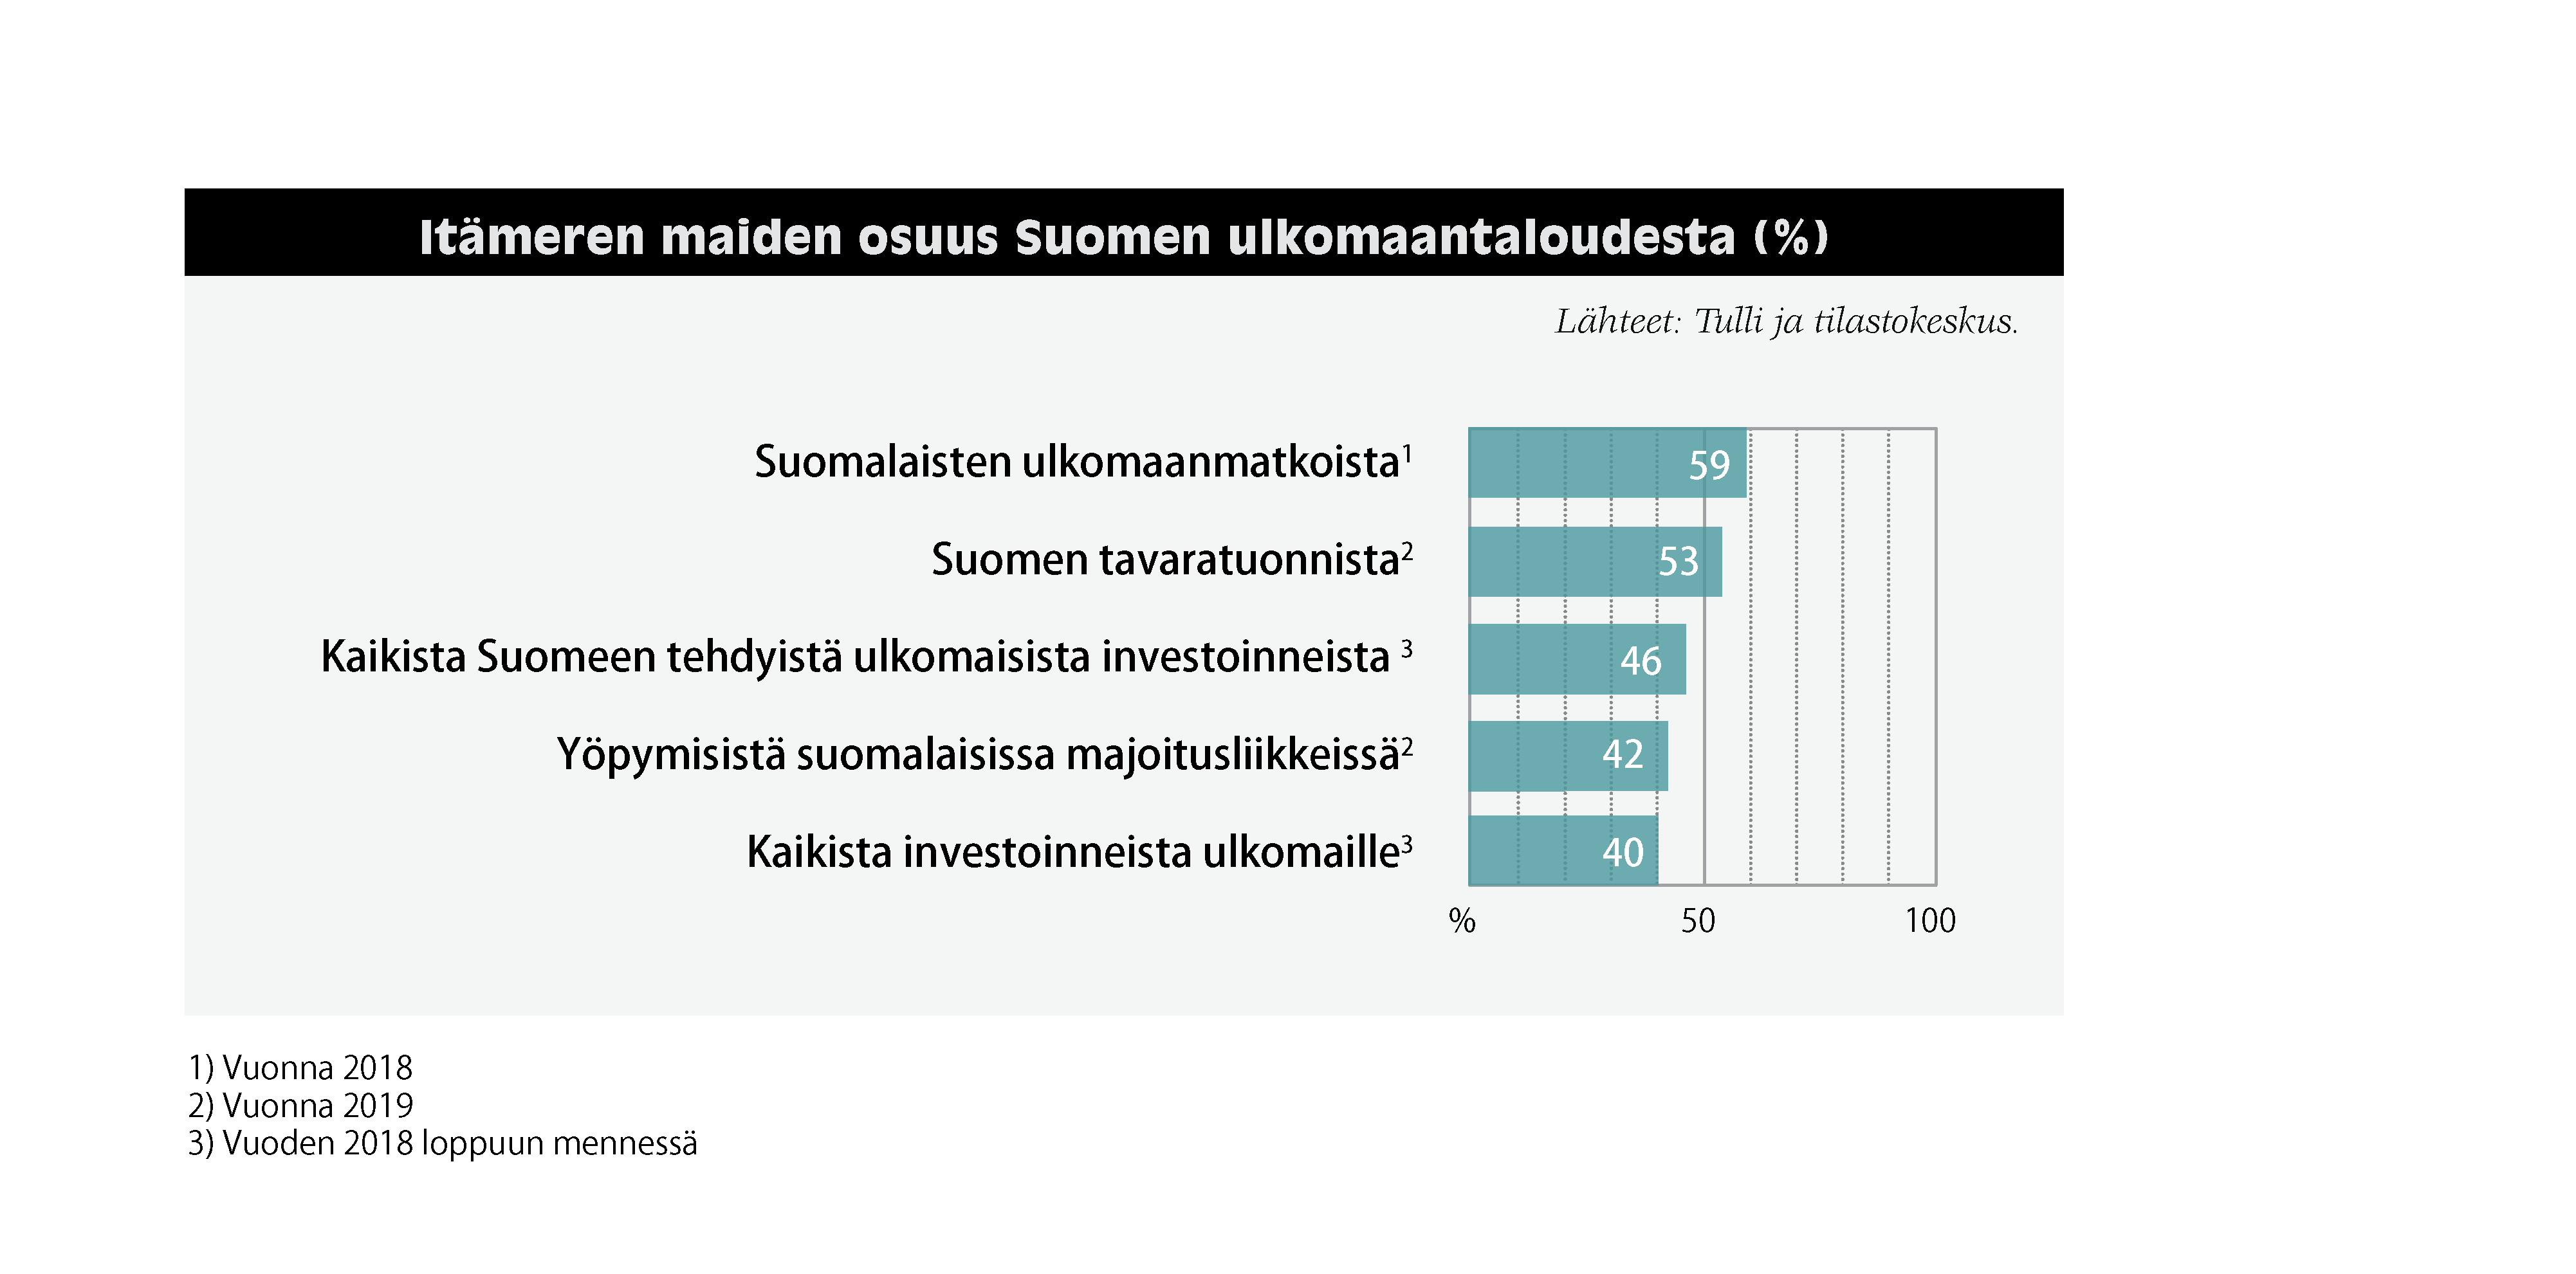 Itämeren maiden osuus Suomen ulkomaantaloudesta: Suomalaisten ulkomaanmatkoista (vuonna 2018) 59 %. Suomen tavaratuonnista (vuonna 2019) 53 %. Kaikista Suomeen tehdyistä ulkomaisista investoinneista (vuoden 2018 loppuun mennessä) 46 %. Yöpymisistä suomalaisissa majoitusliikkeissä (vuonna 2019) 42 %. Kaikista investoinneista ulkomaille (vuoden 2018 loppuun mennessä) 40 %. Lähteet: Tulli ja tilastokeskus.